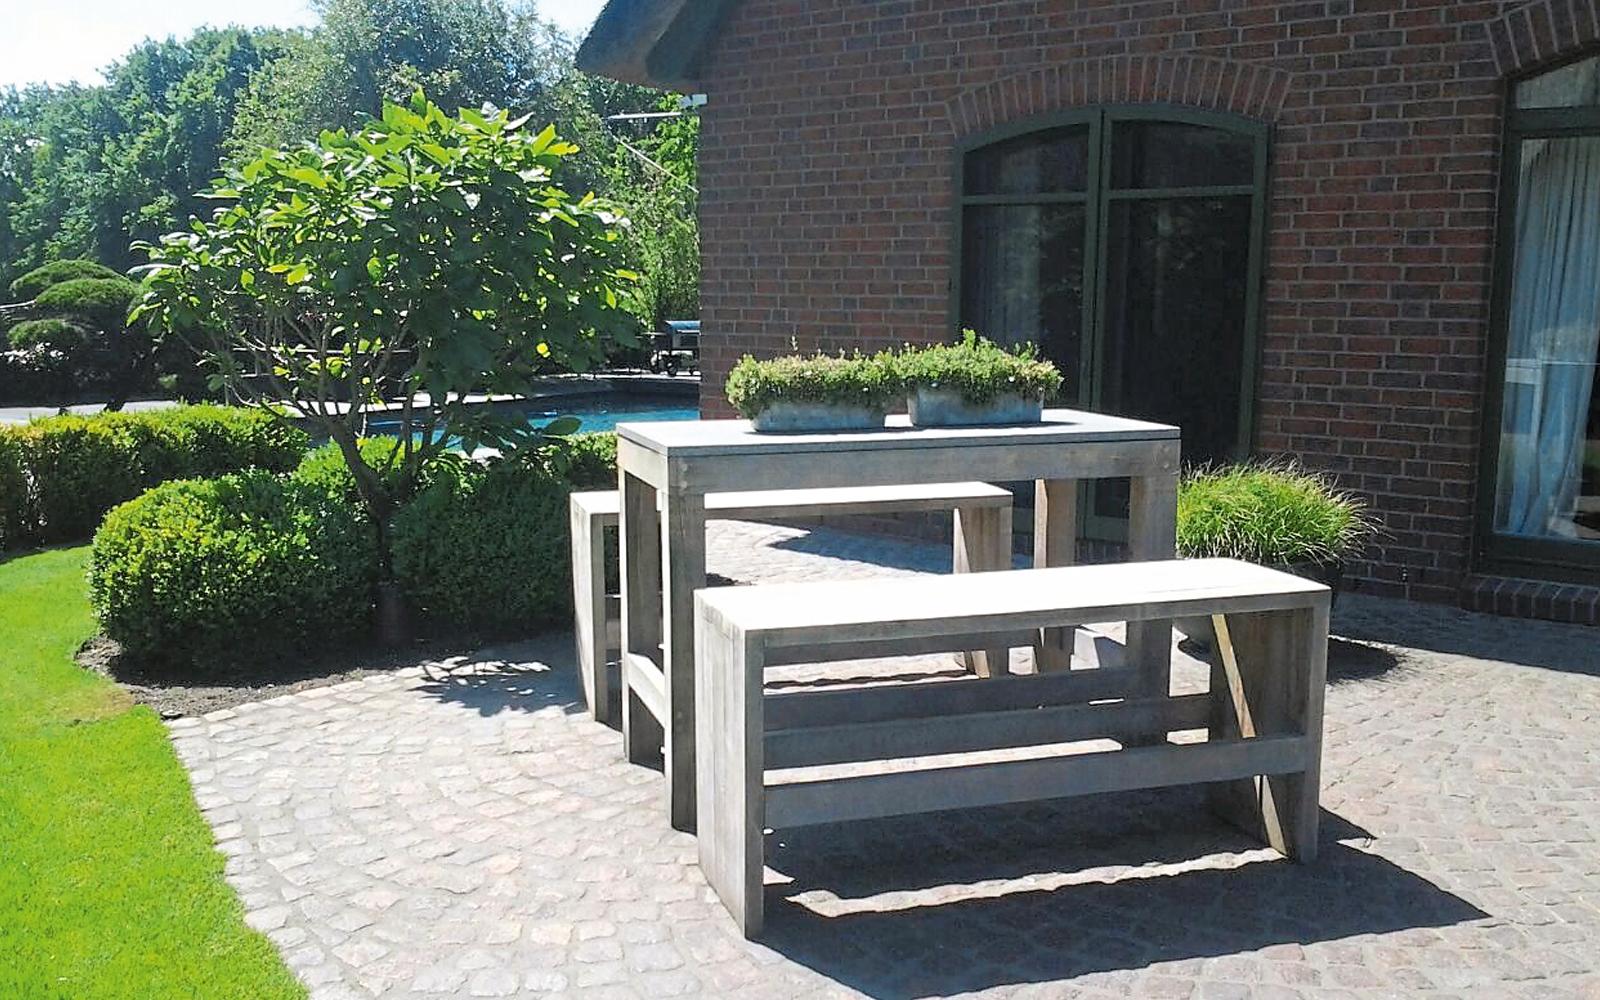 Gartenmöbel aus der eigenen Zahlmann-Produktlinie.